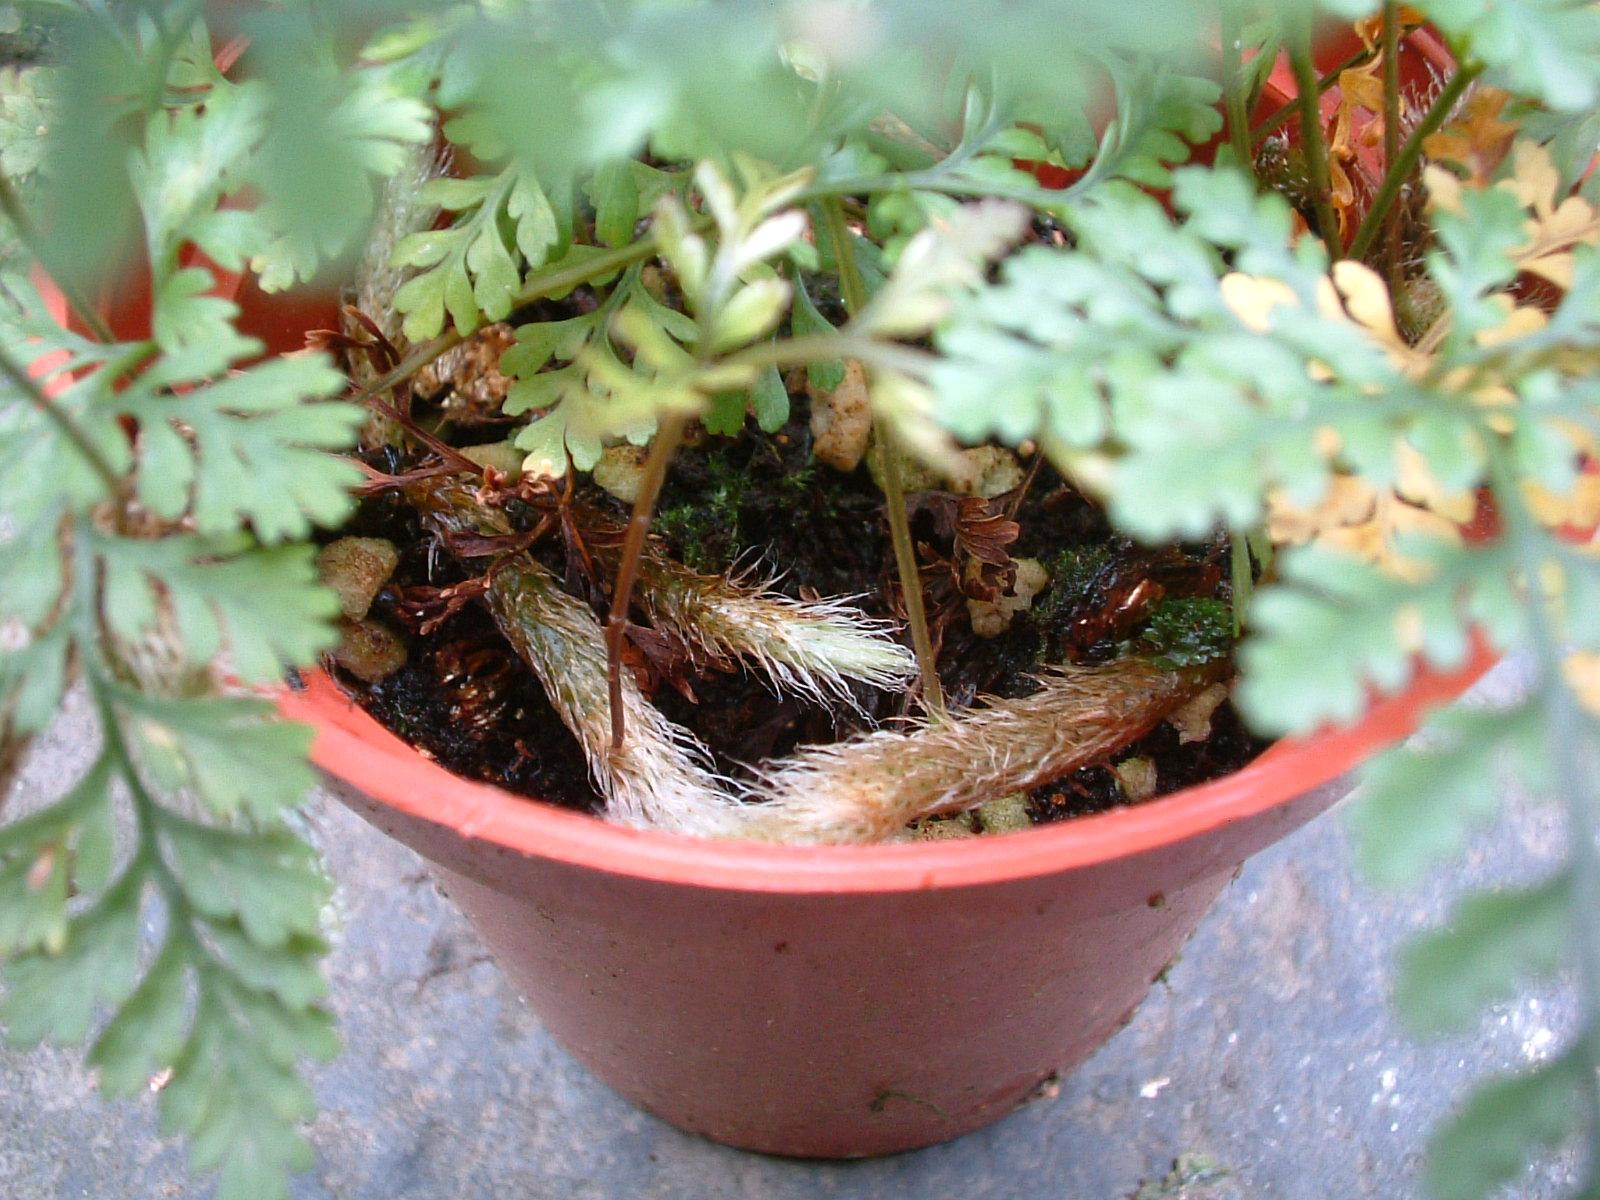 觀葉植物栽培術:綠手絨足-兔腳蕨 - 園藝部落格:iGarden 花寶愛花園園藝文摘Plus